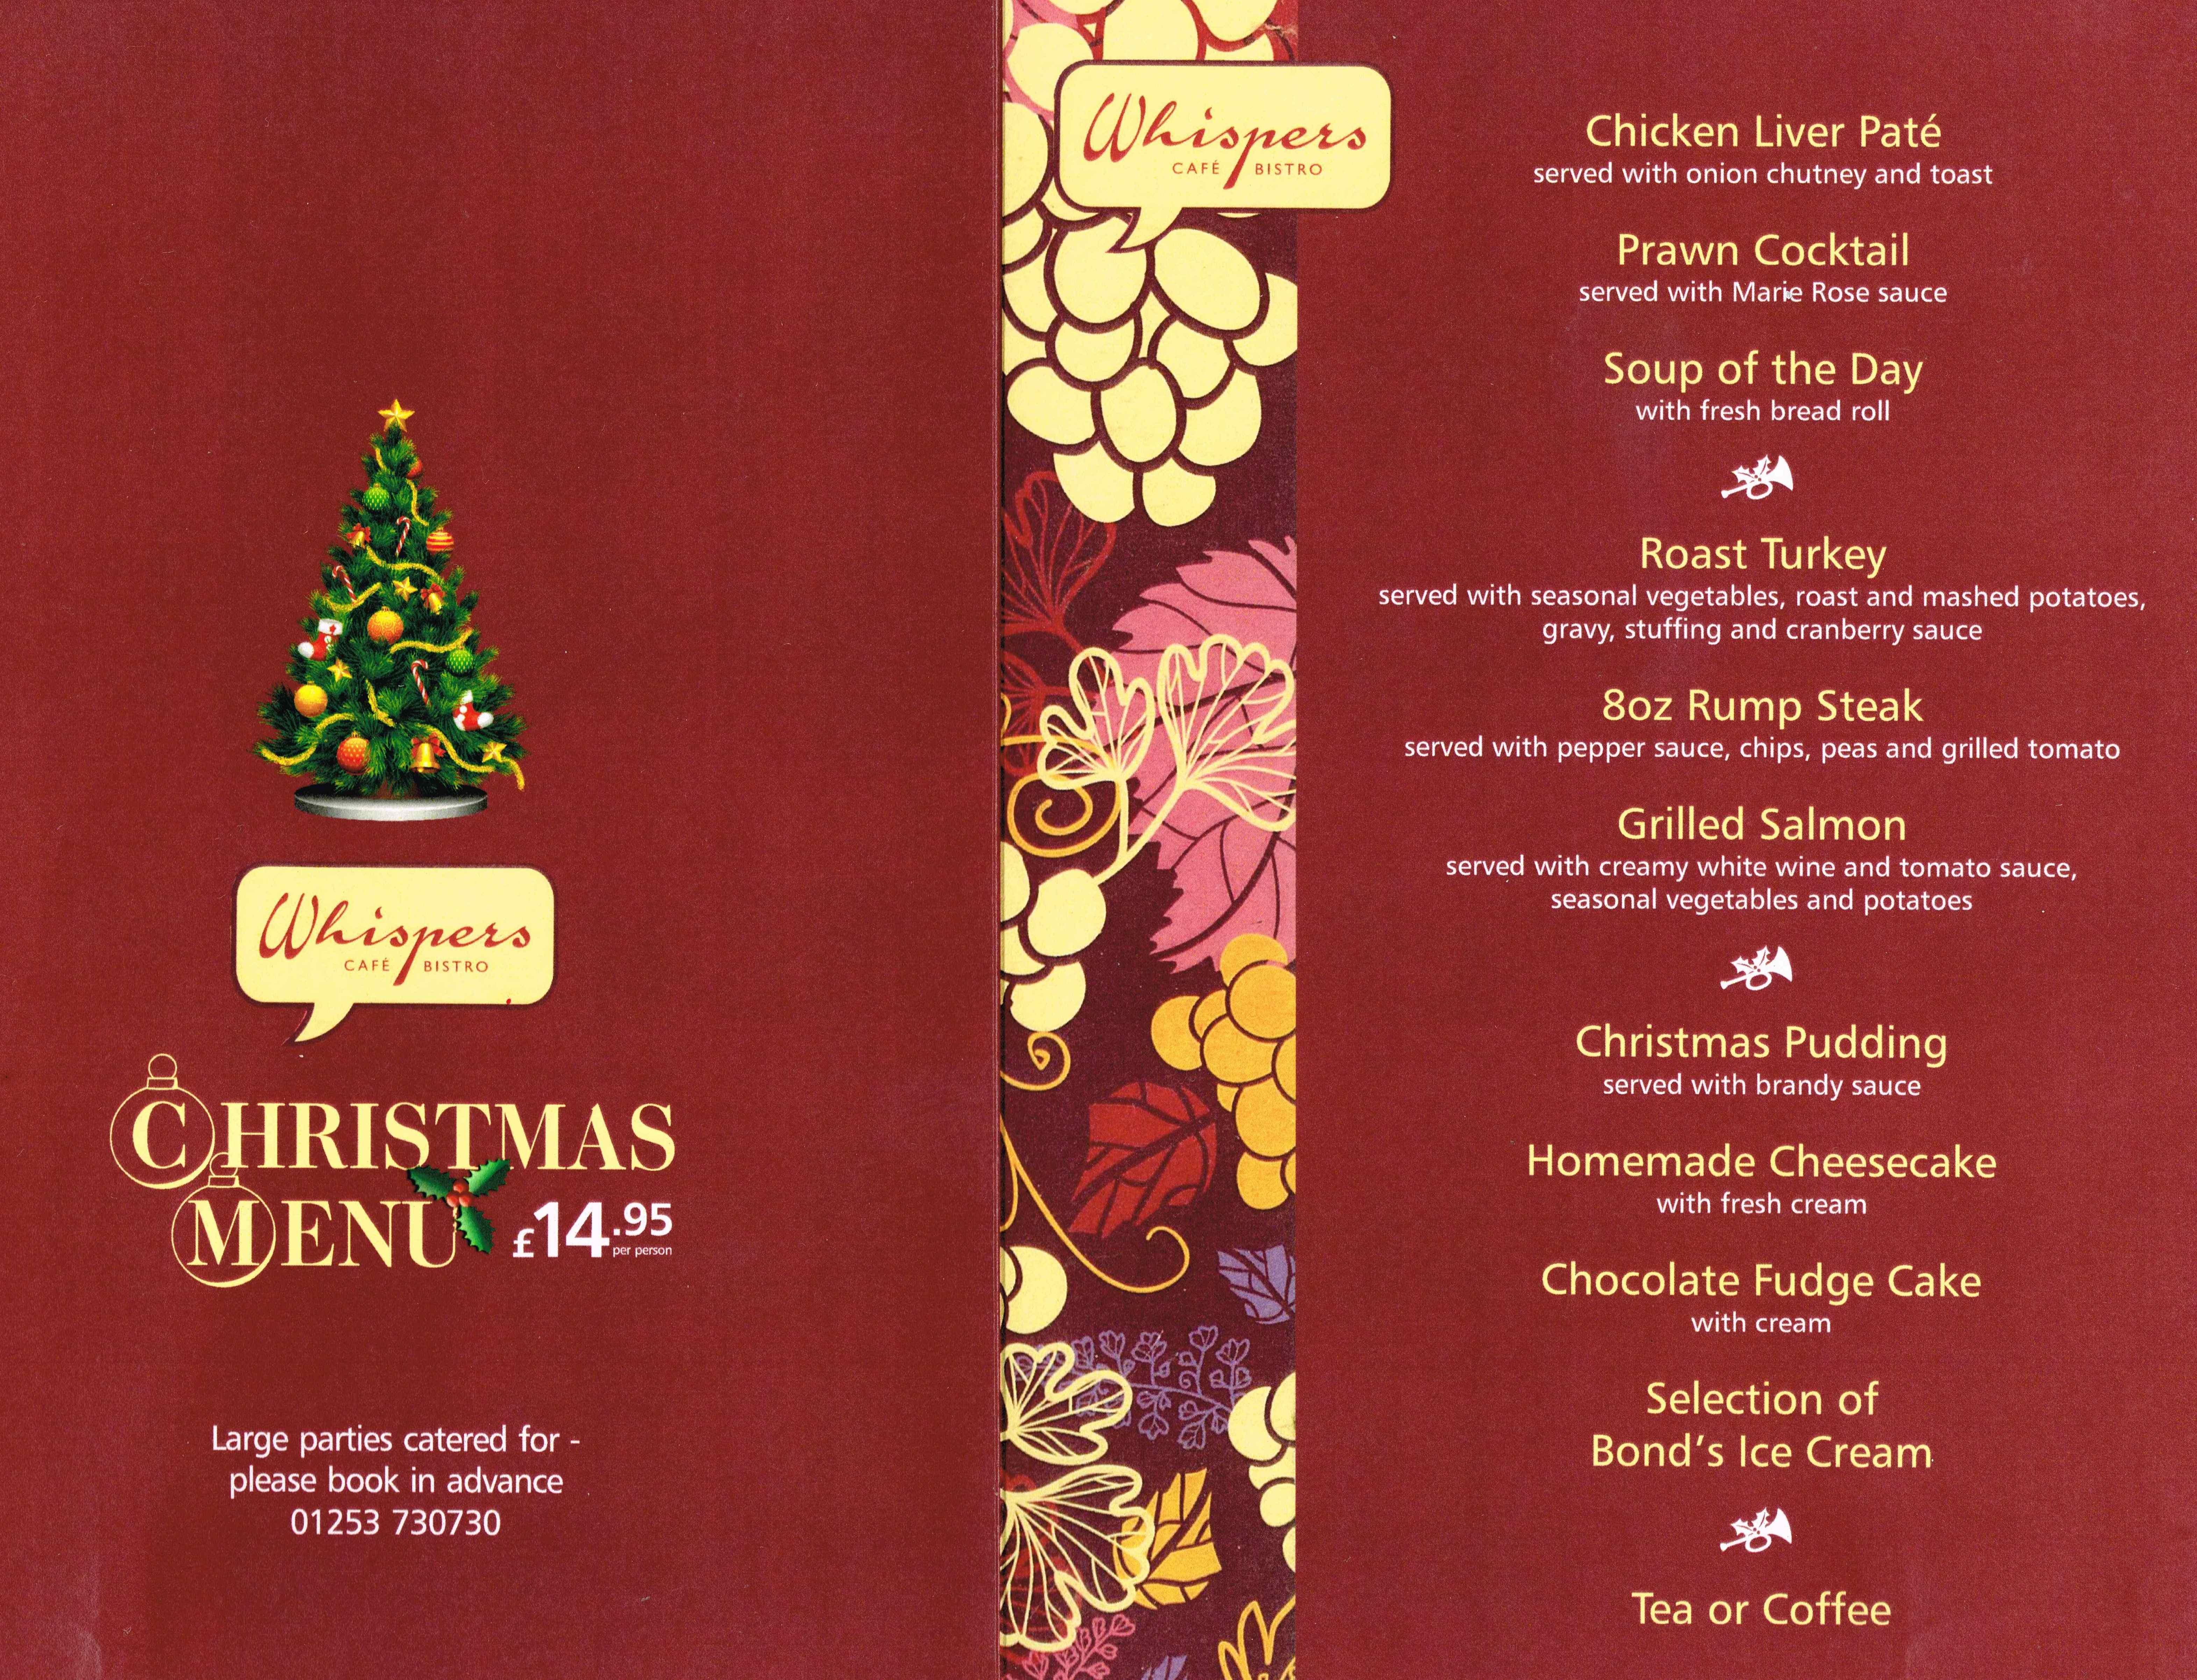 Christmas menu, 2014